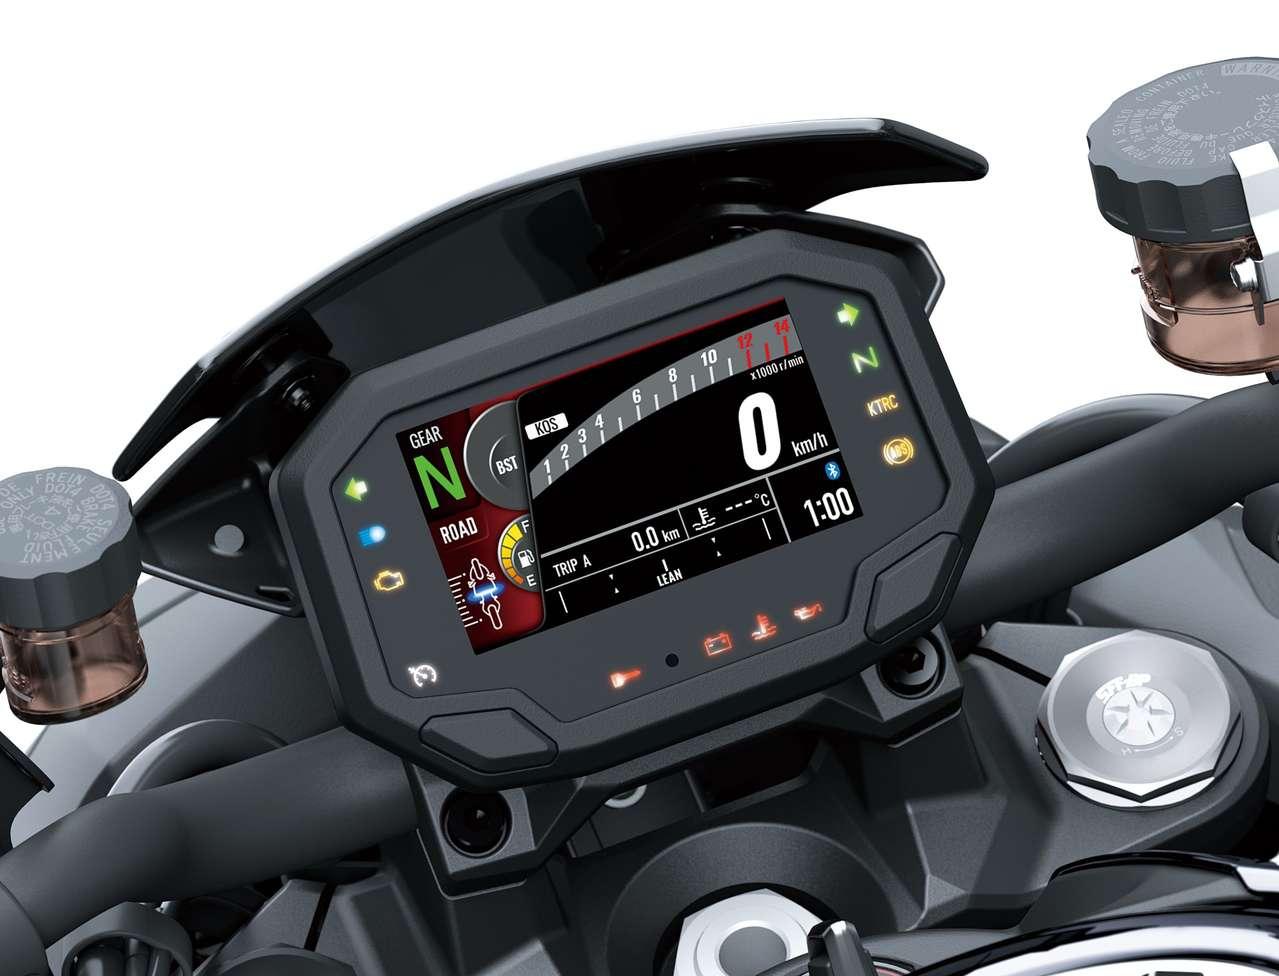 TFT-Bordcomputer mit Bluetooth-Schnittstelle.